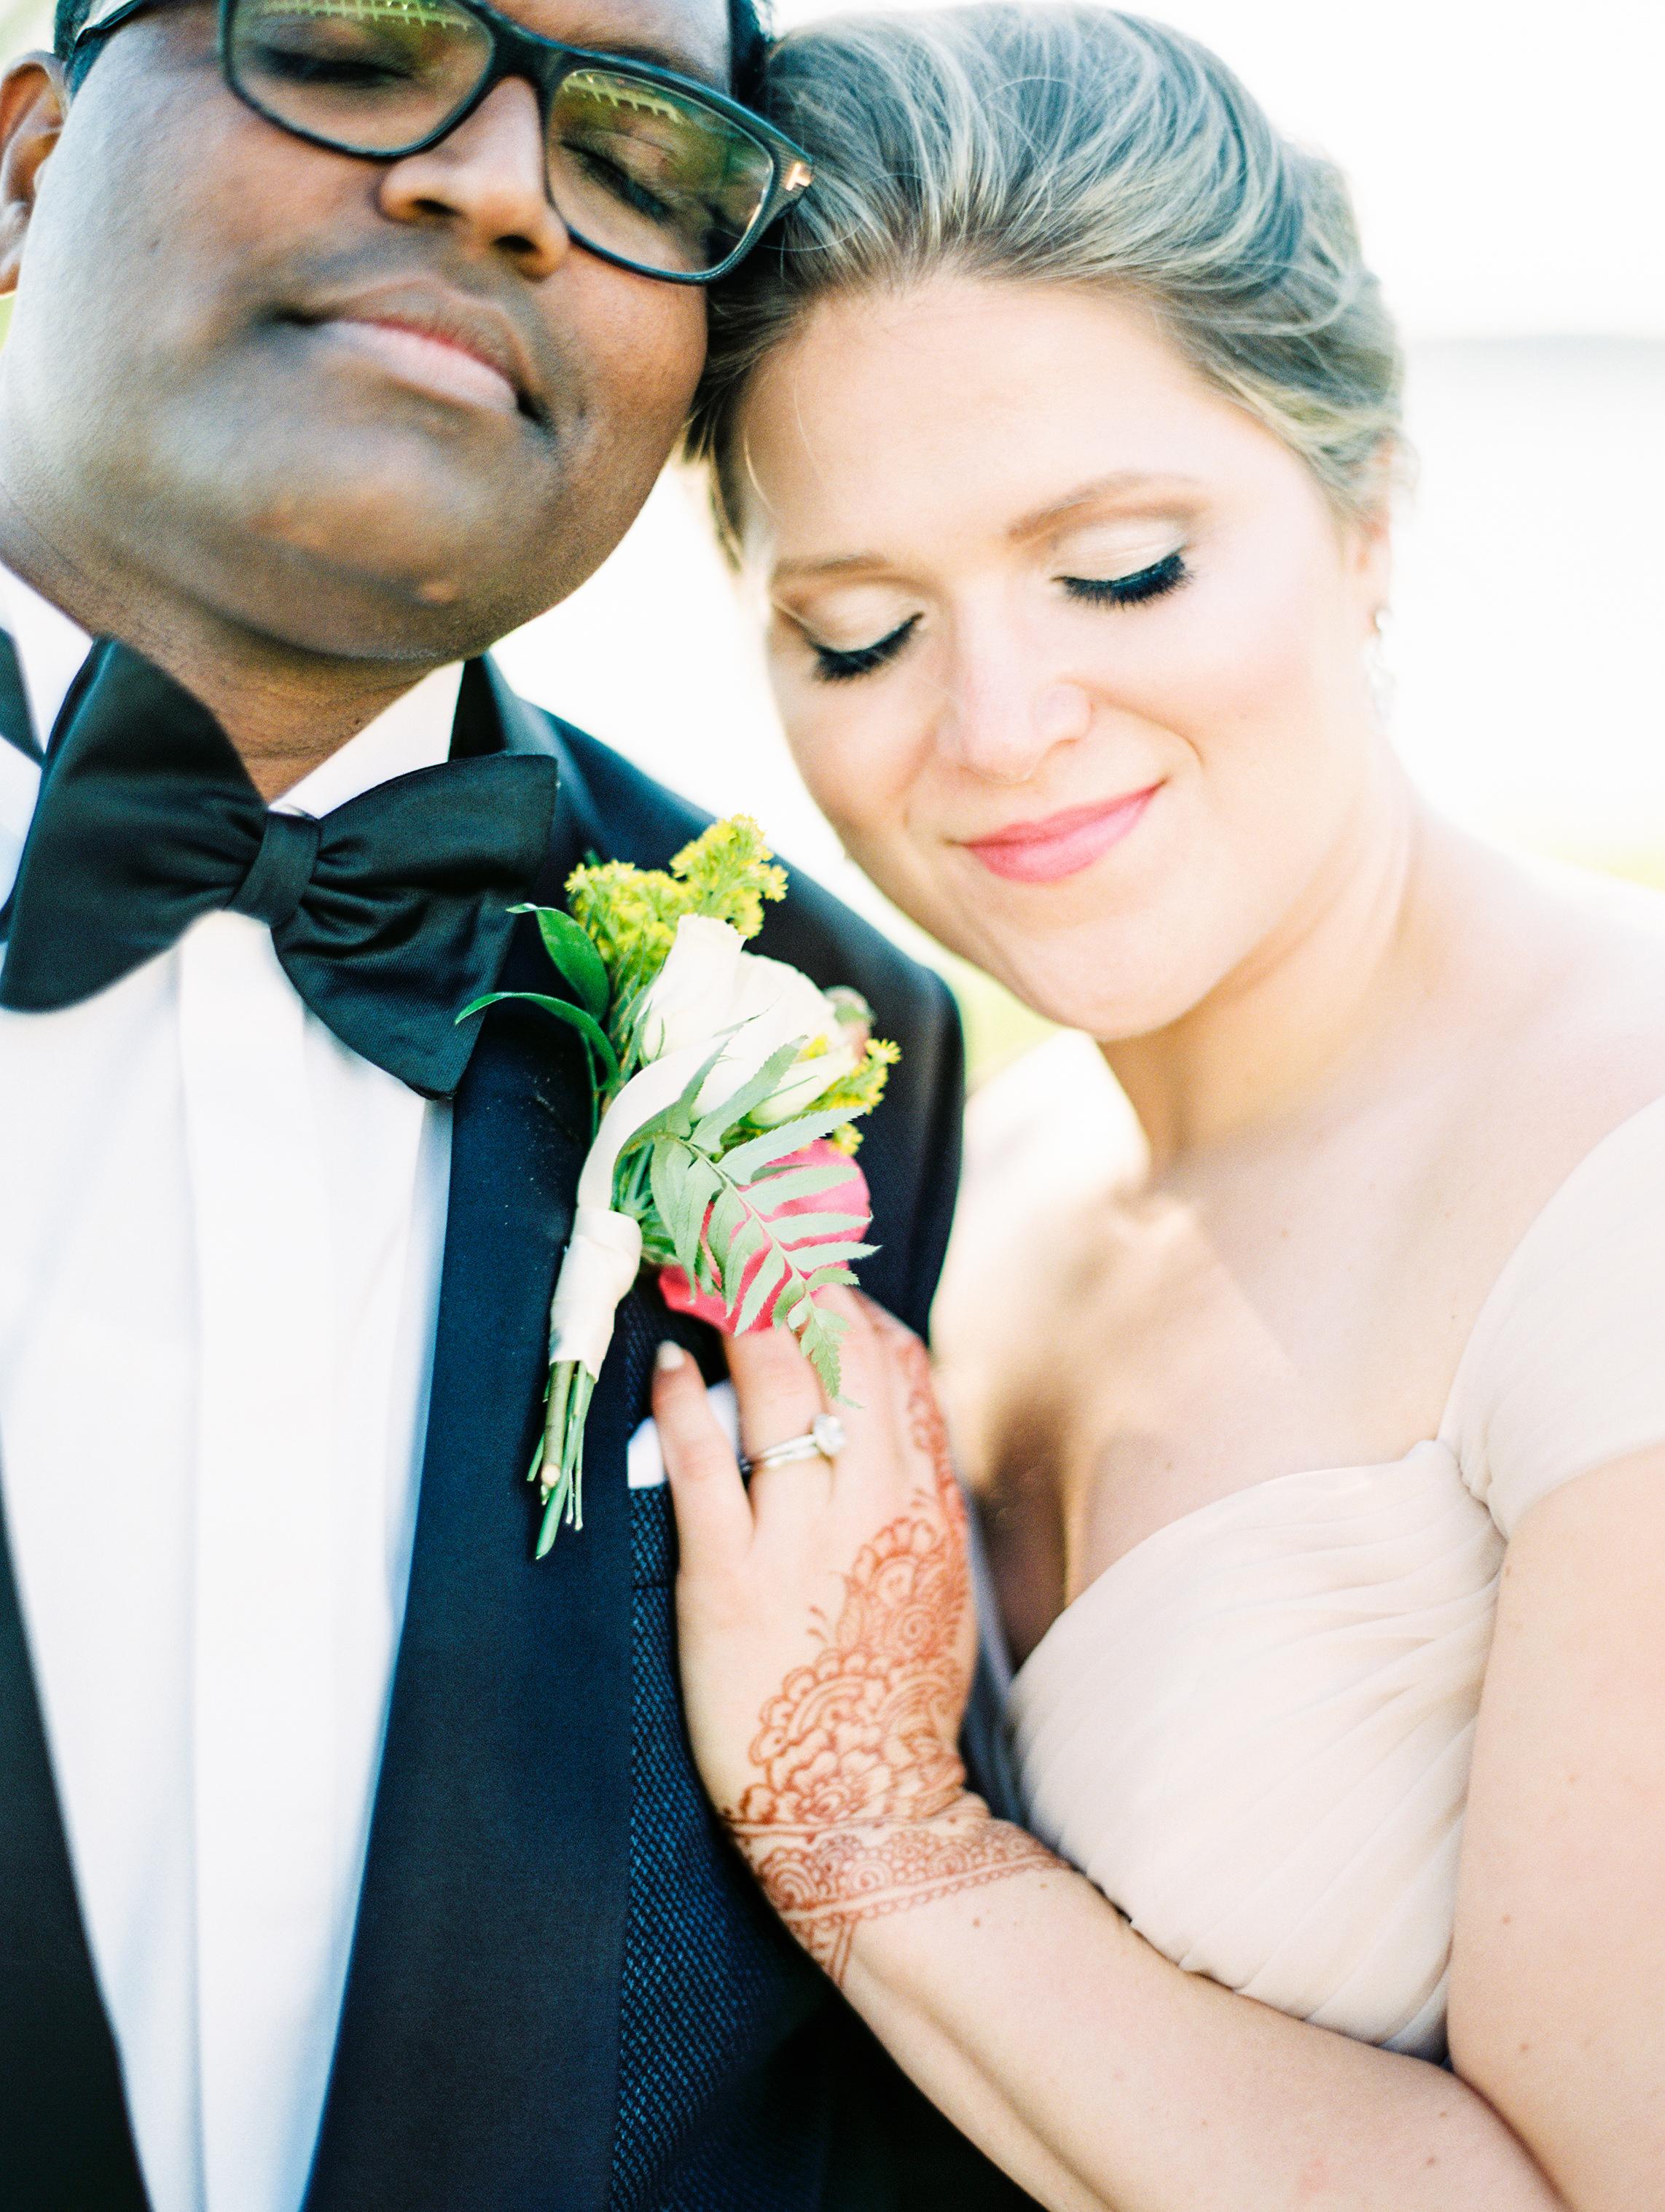 Govathoti+Wedding+Bridal+Partyb-8.jpg